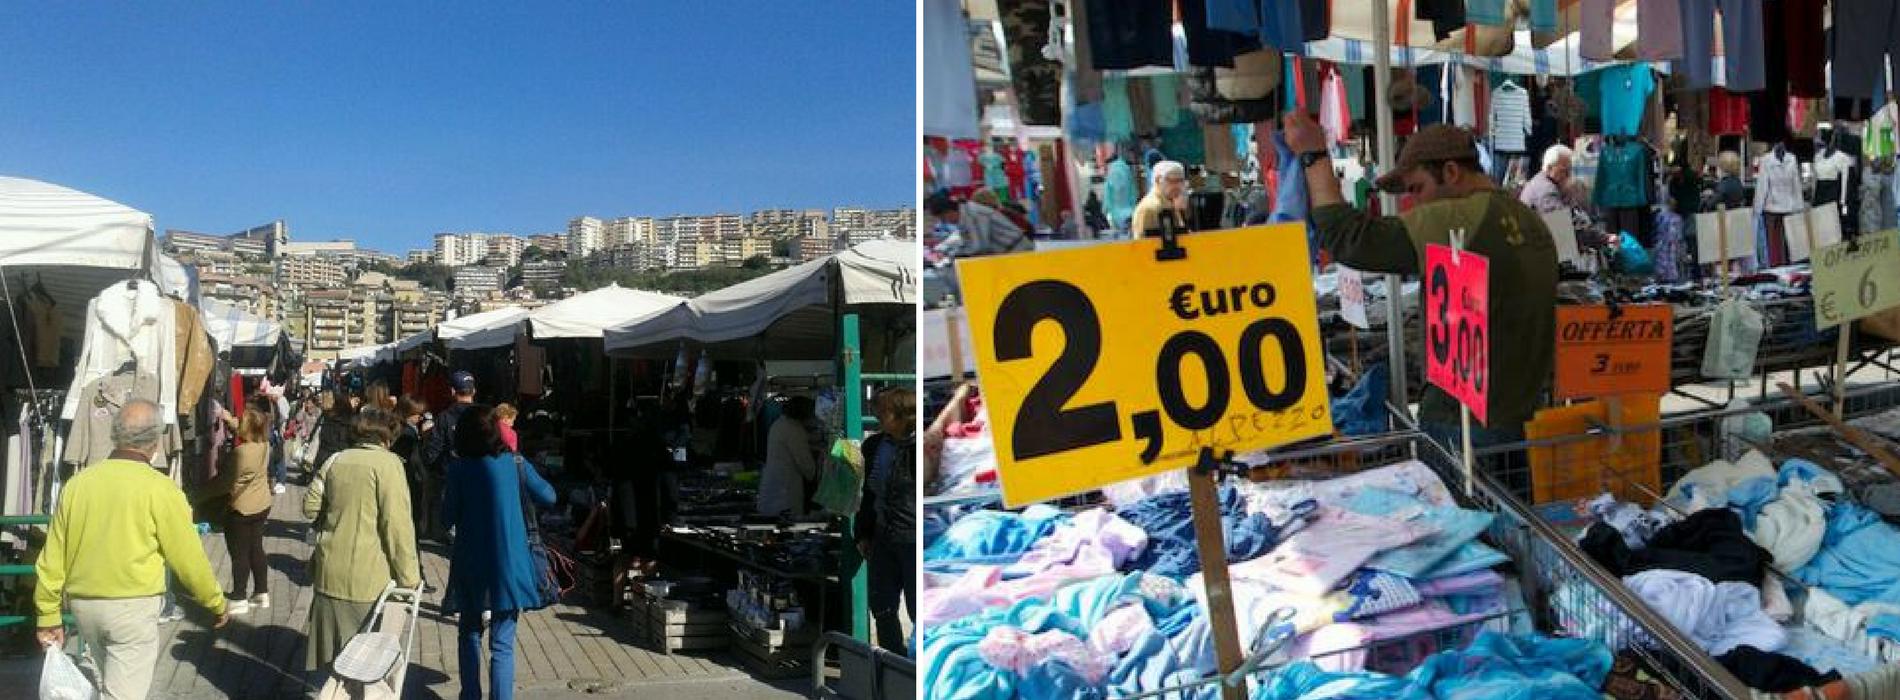 Il mercato rionale a Fuorigrotta